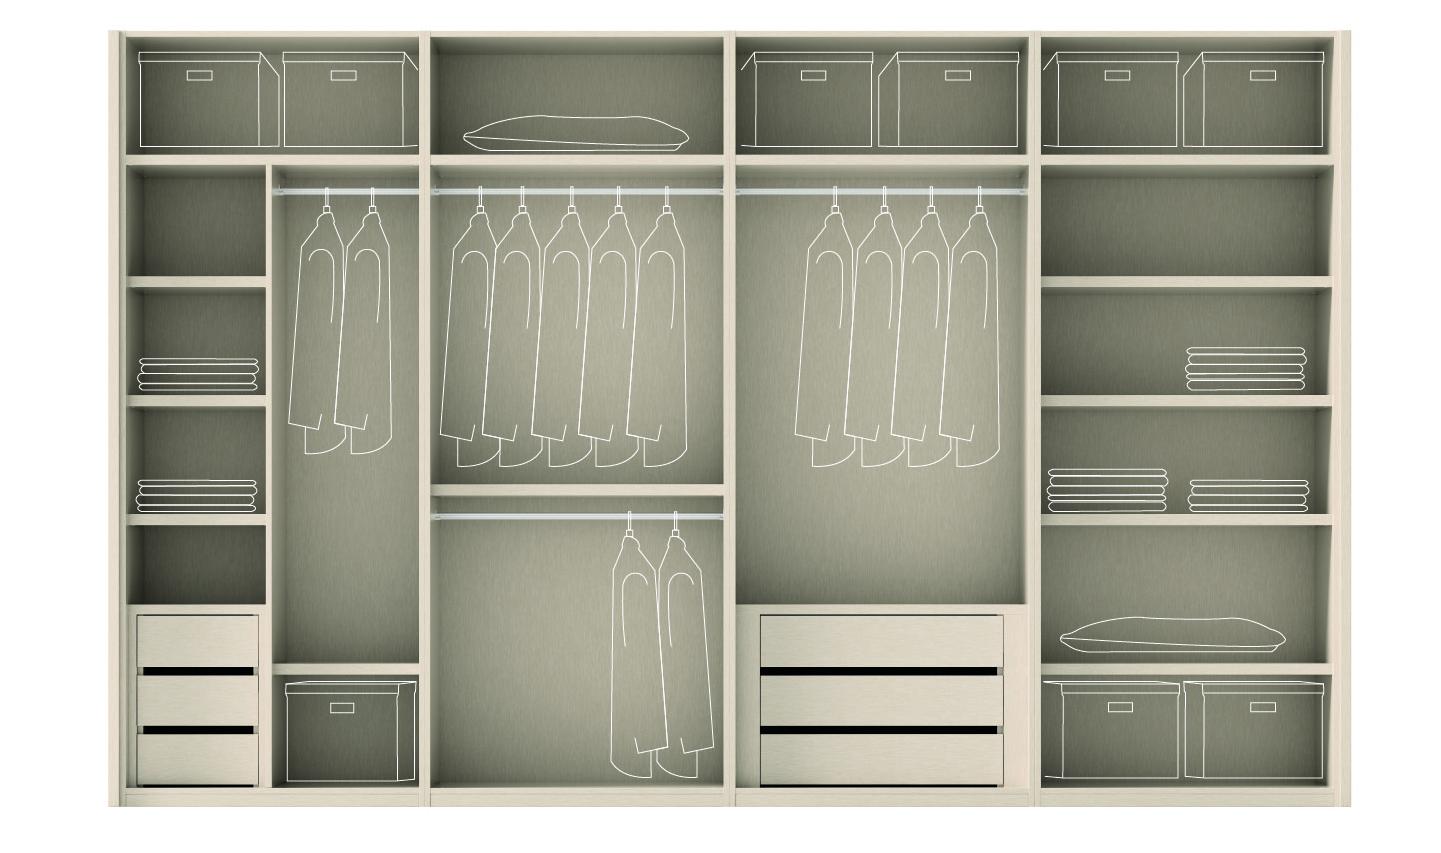 Interno armadi mobili ros spazio ante scorrevoli - Como hacer puertas de armario ...